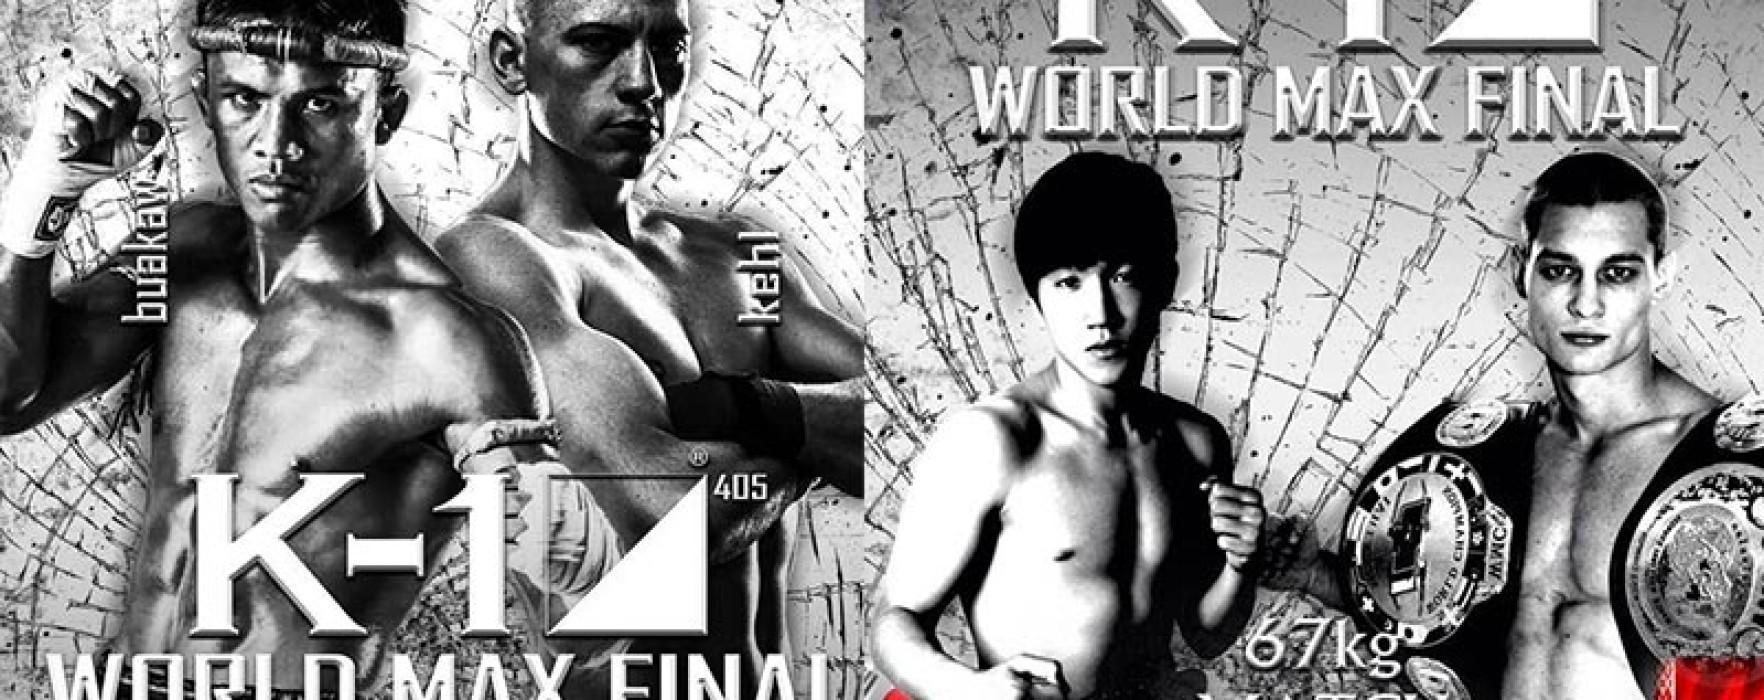 Aggiornamento: La finale del K-1 World Max 2014 il 26 Luglio a Pattaya con Buakaw vs Kehl